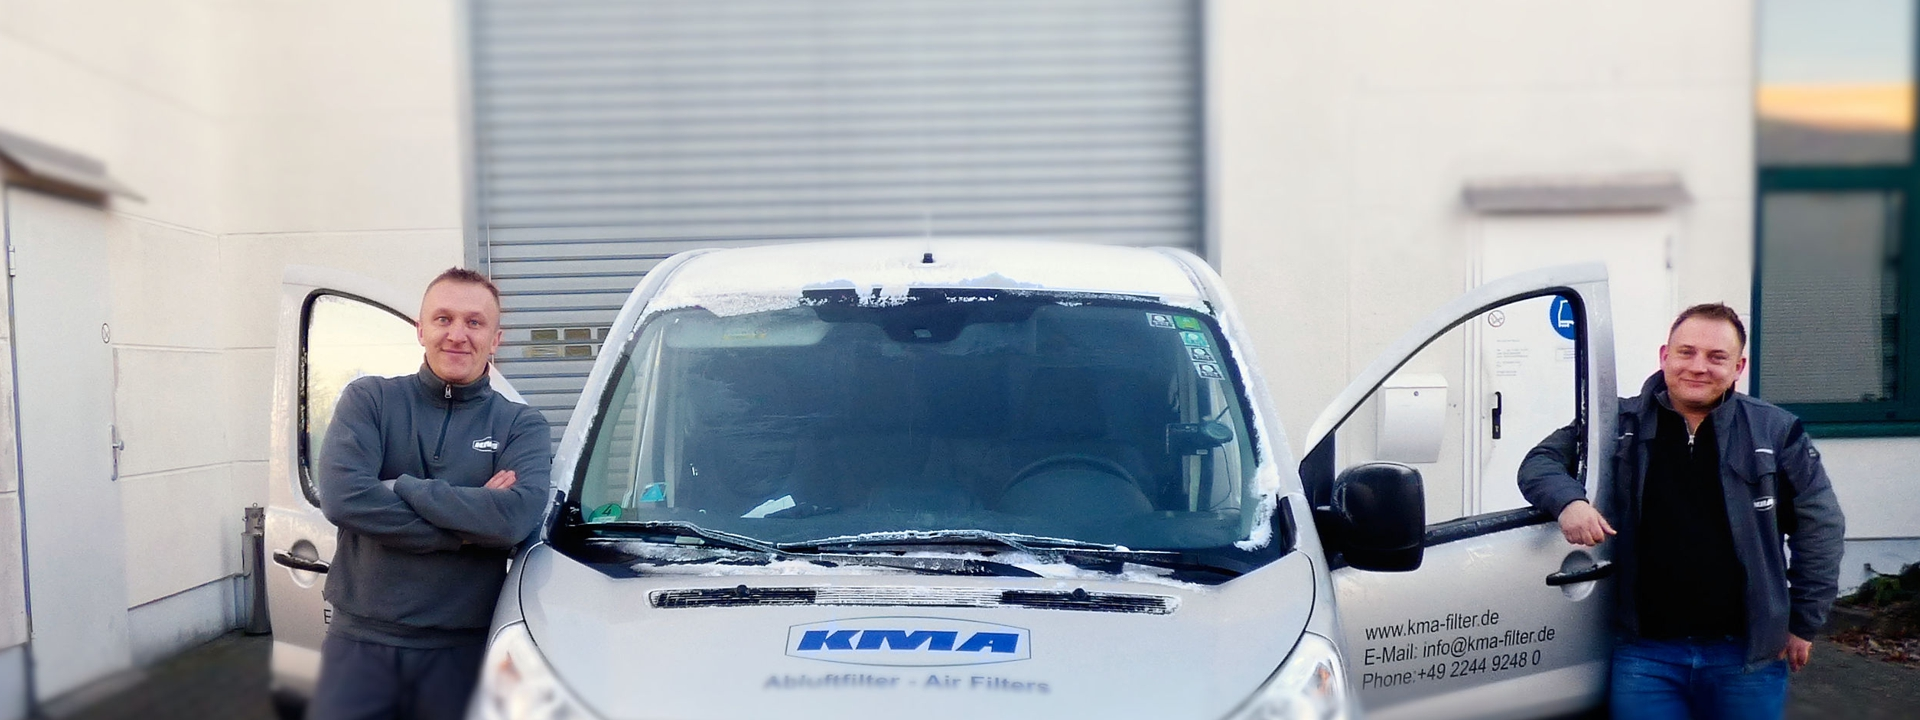 Servicetechniker vor dem Dienstfahrzeug bei KMA Umwelttechnik